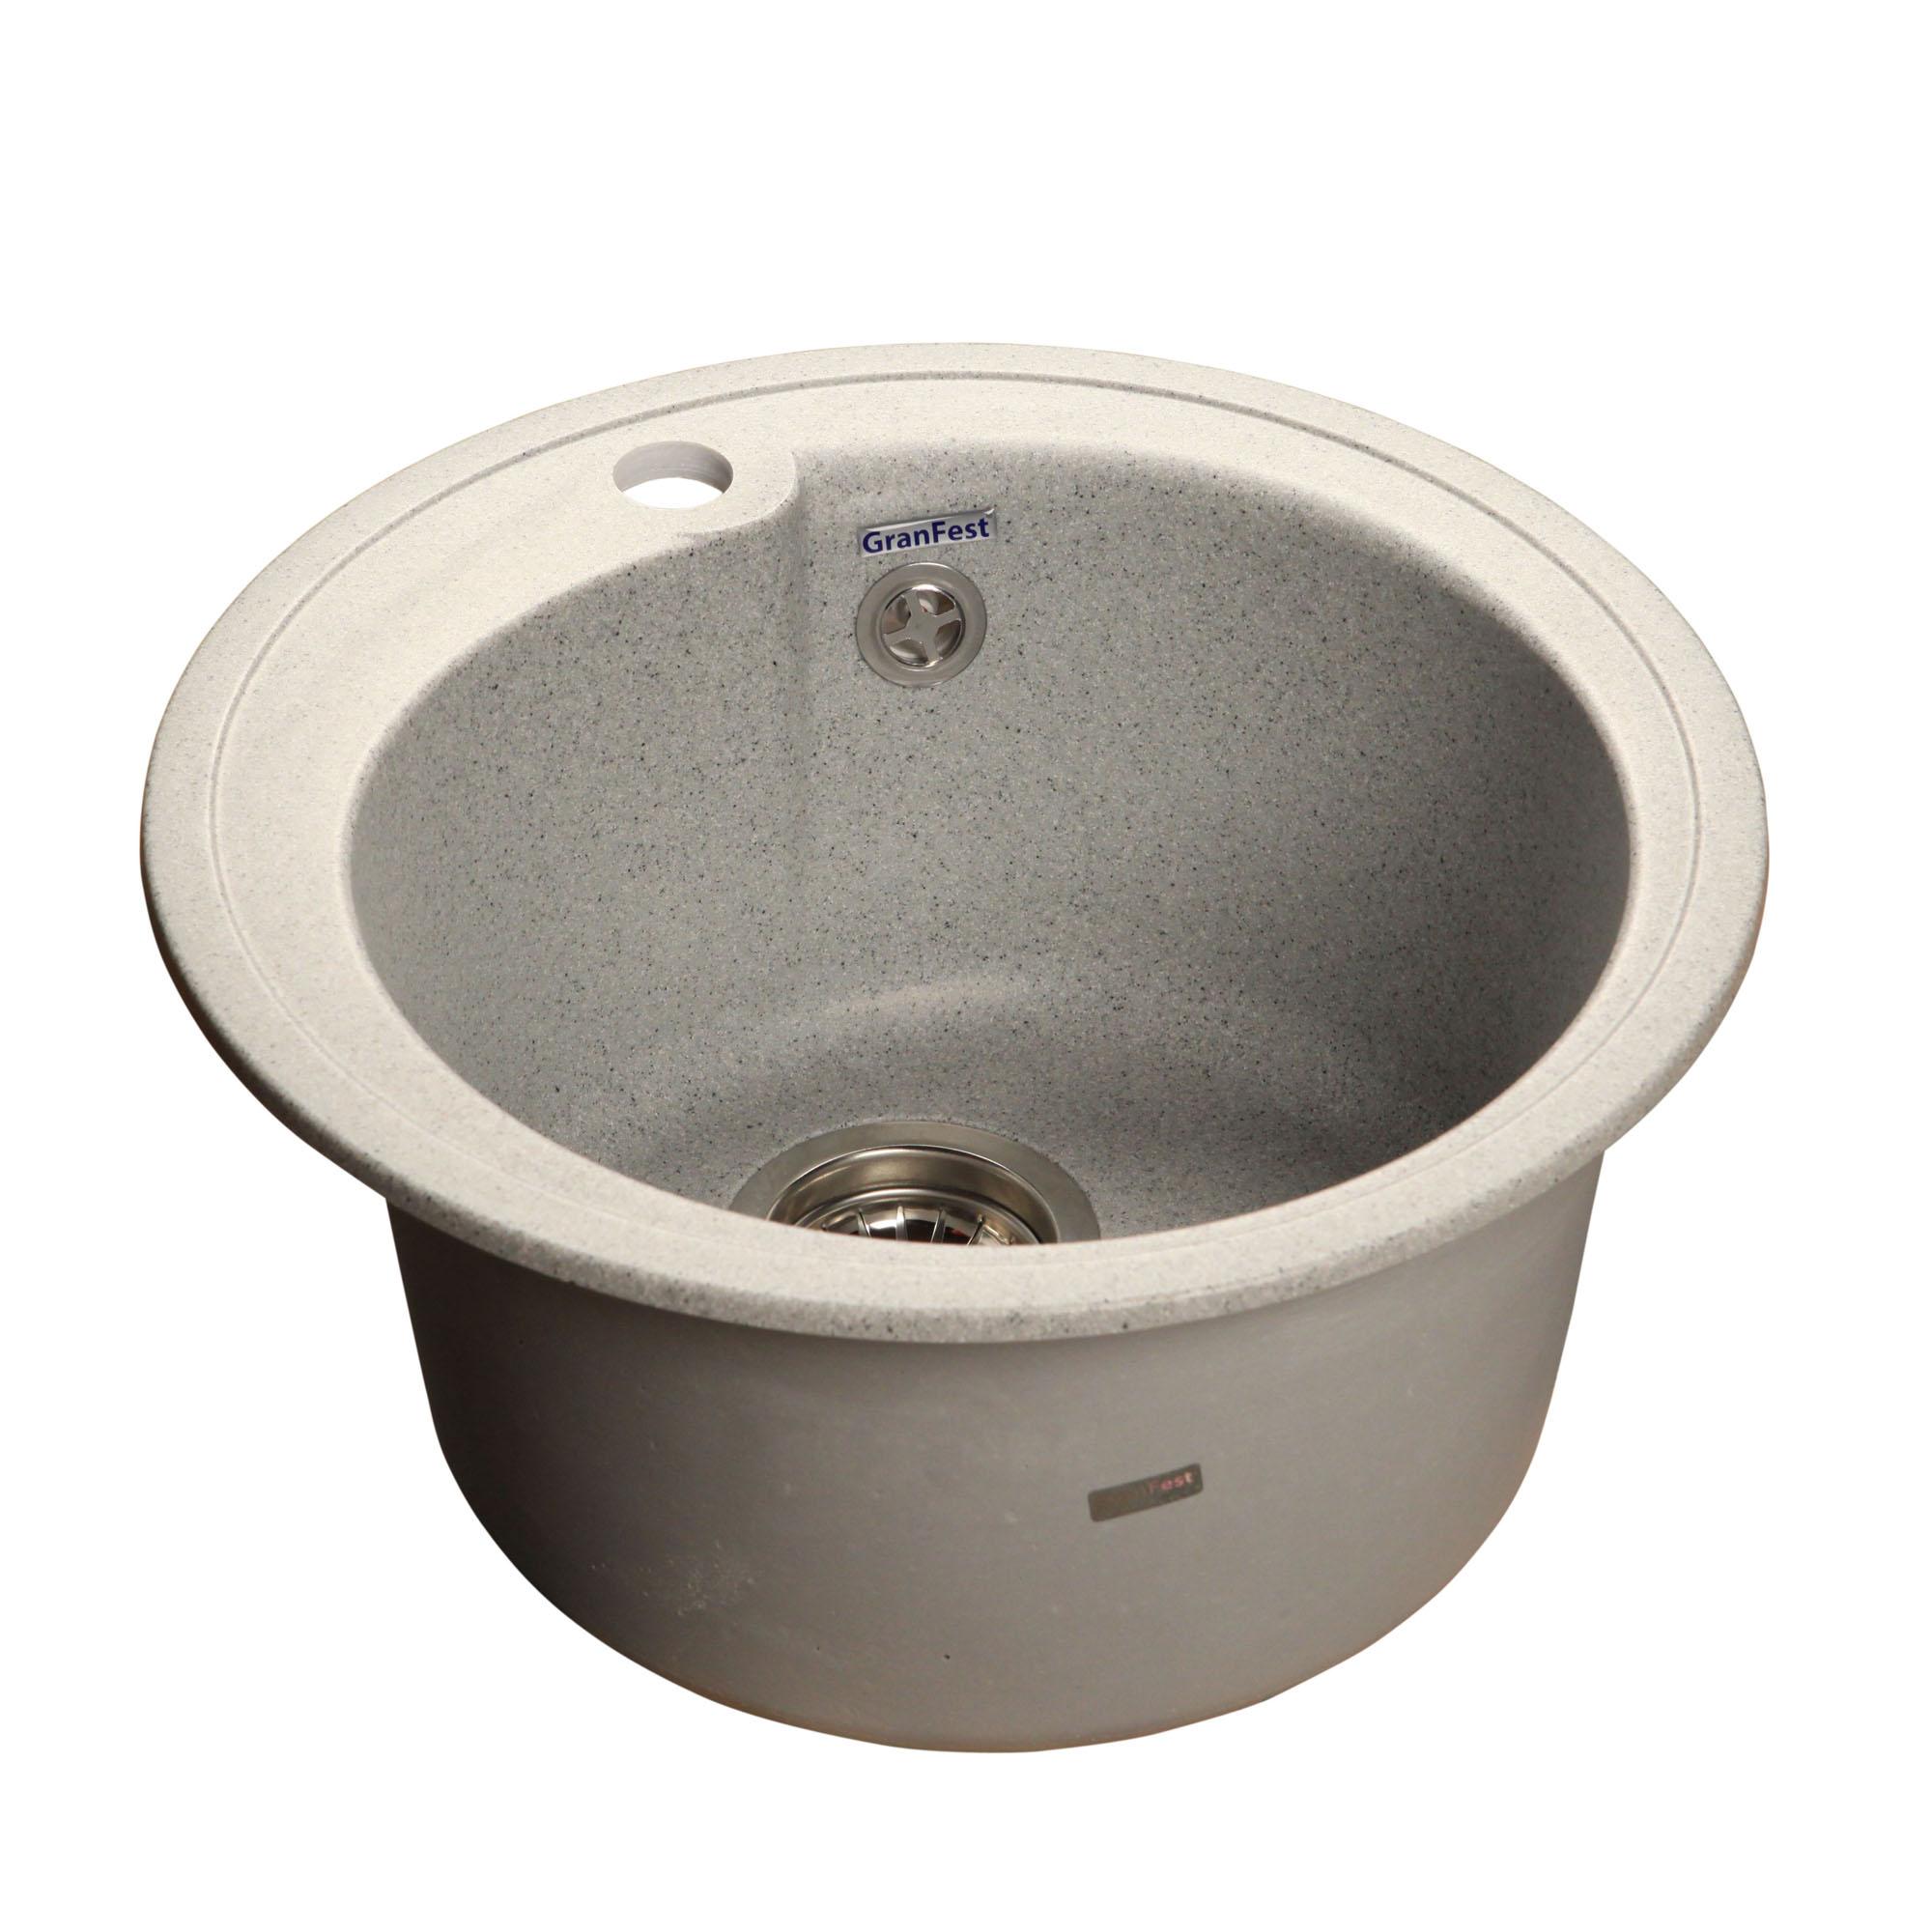 Кухонная мойка GranFest Rondo GF-R450 серый мойка кухонная granfest гранит d450 gf r450 терракот